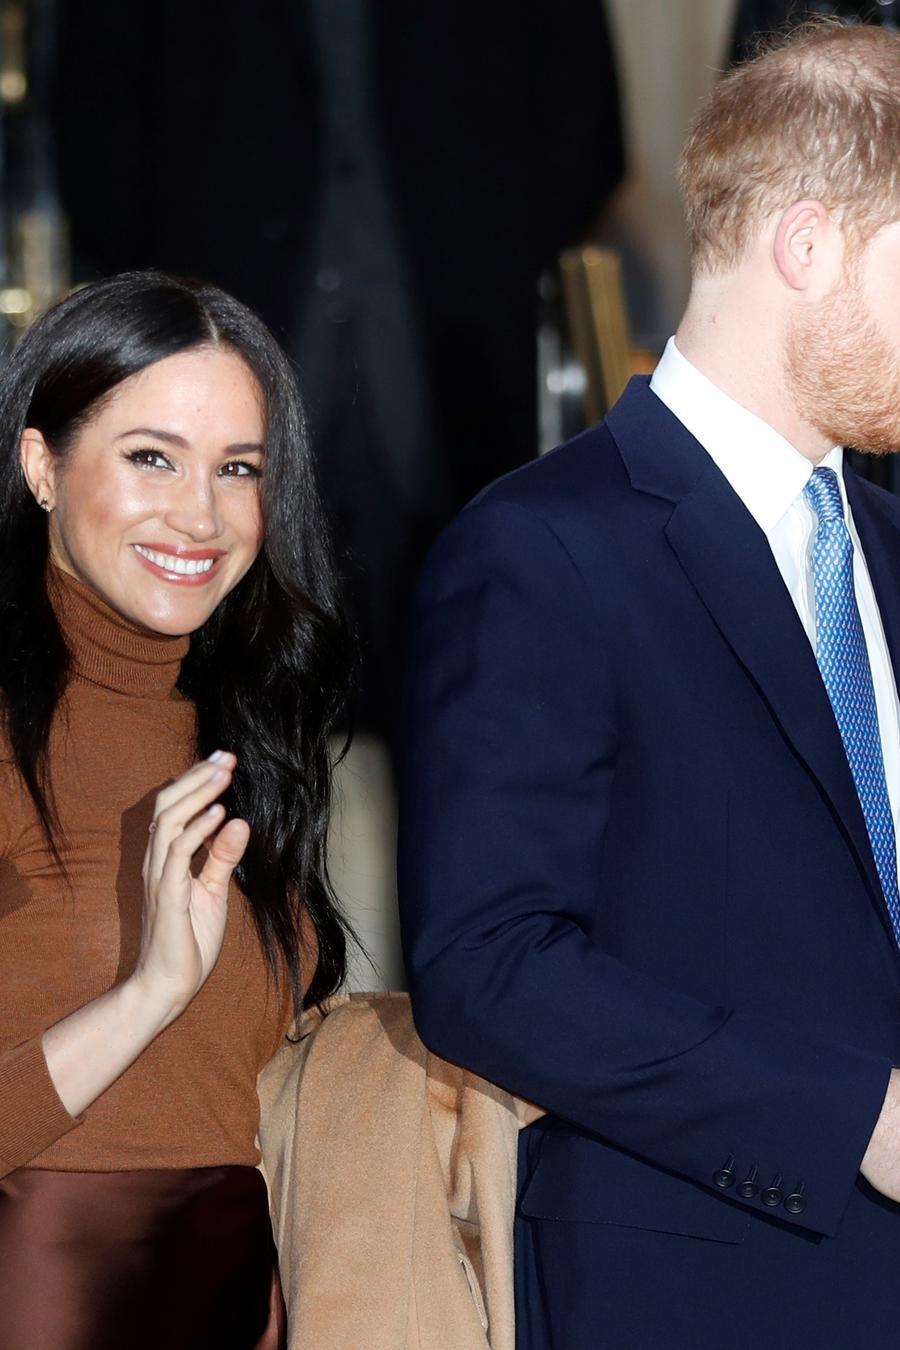 El príncipe británico Harry y Meghan, duquesa de Sussex, después de visitar Canada House en Londres, el martes 7 de enero de 2020, después de su reciente estadía en Canadá. AP / Frank Augstein